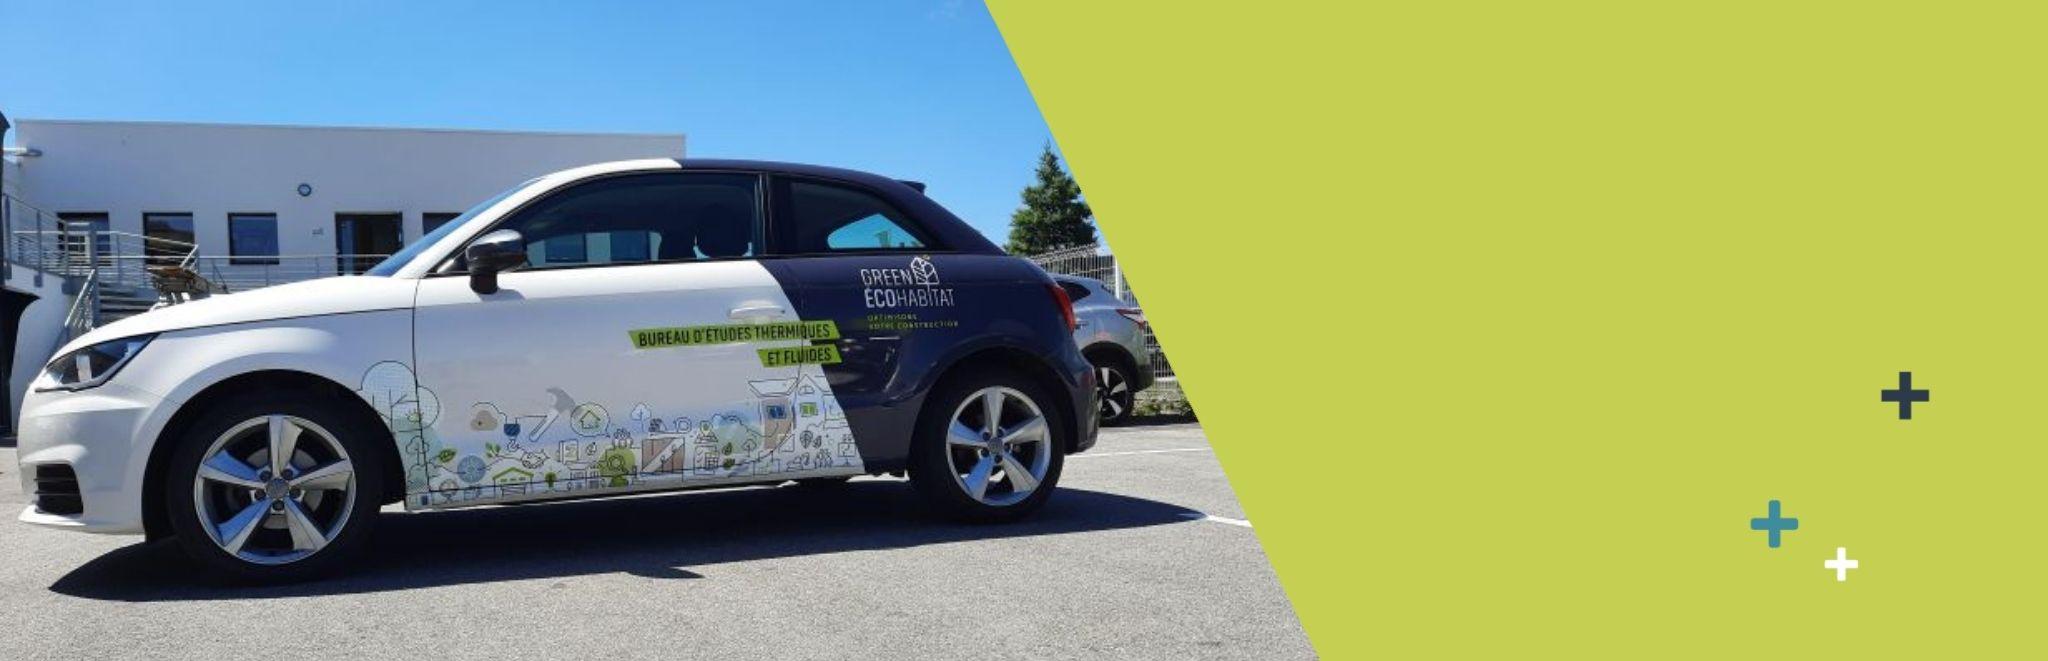 nouvelle voiture logotypée pour green eco habitat